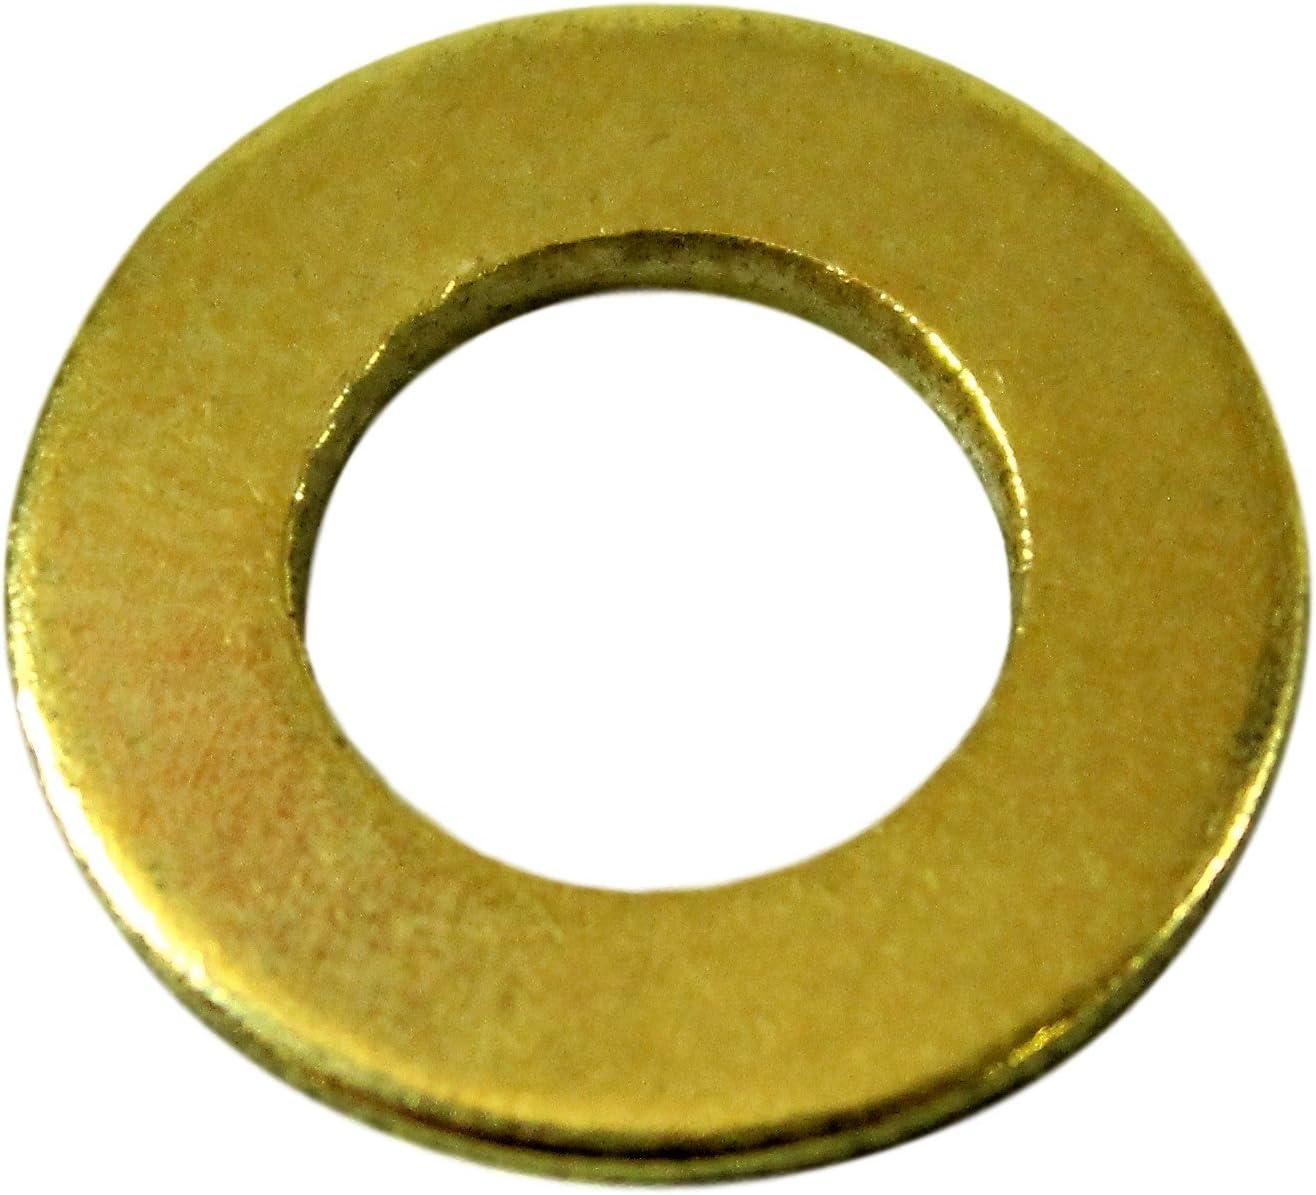 Unterlegscheiben DIN 125 Edelstahl V4A Beilagscheiben A4 Scheiben 10 St/ück M16 17,0 mm